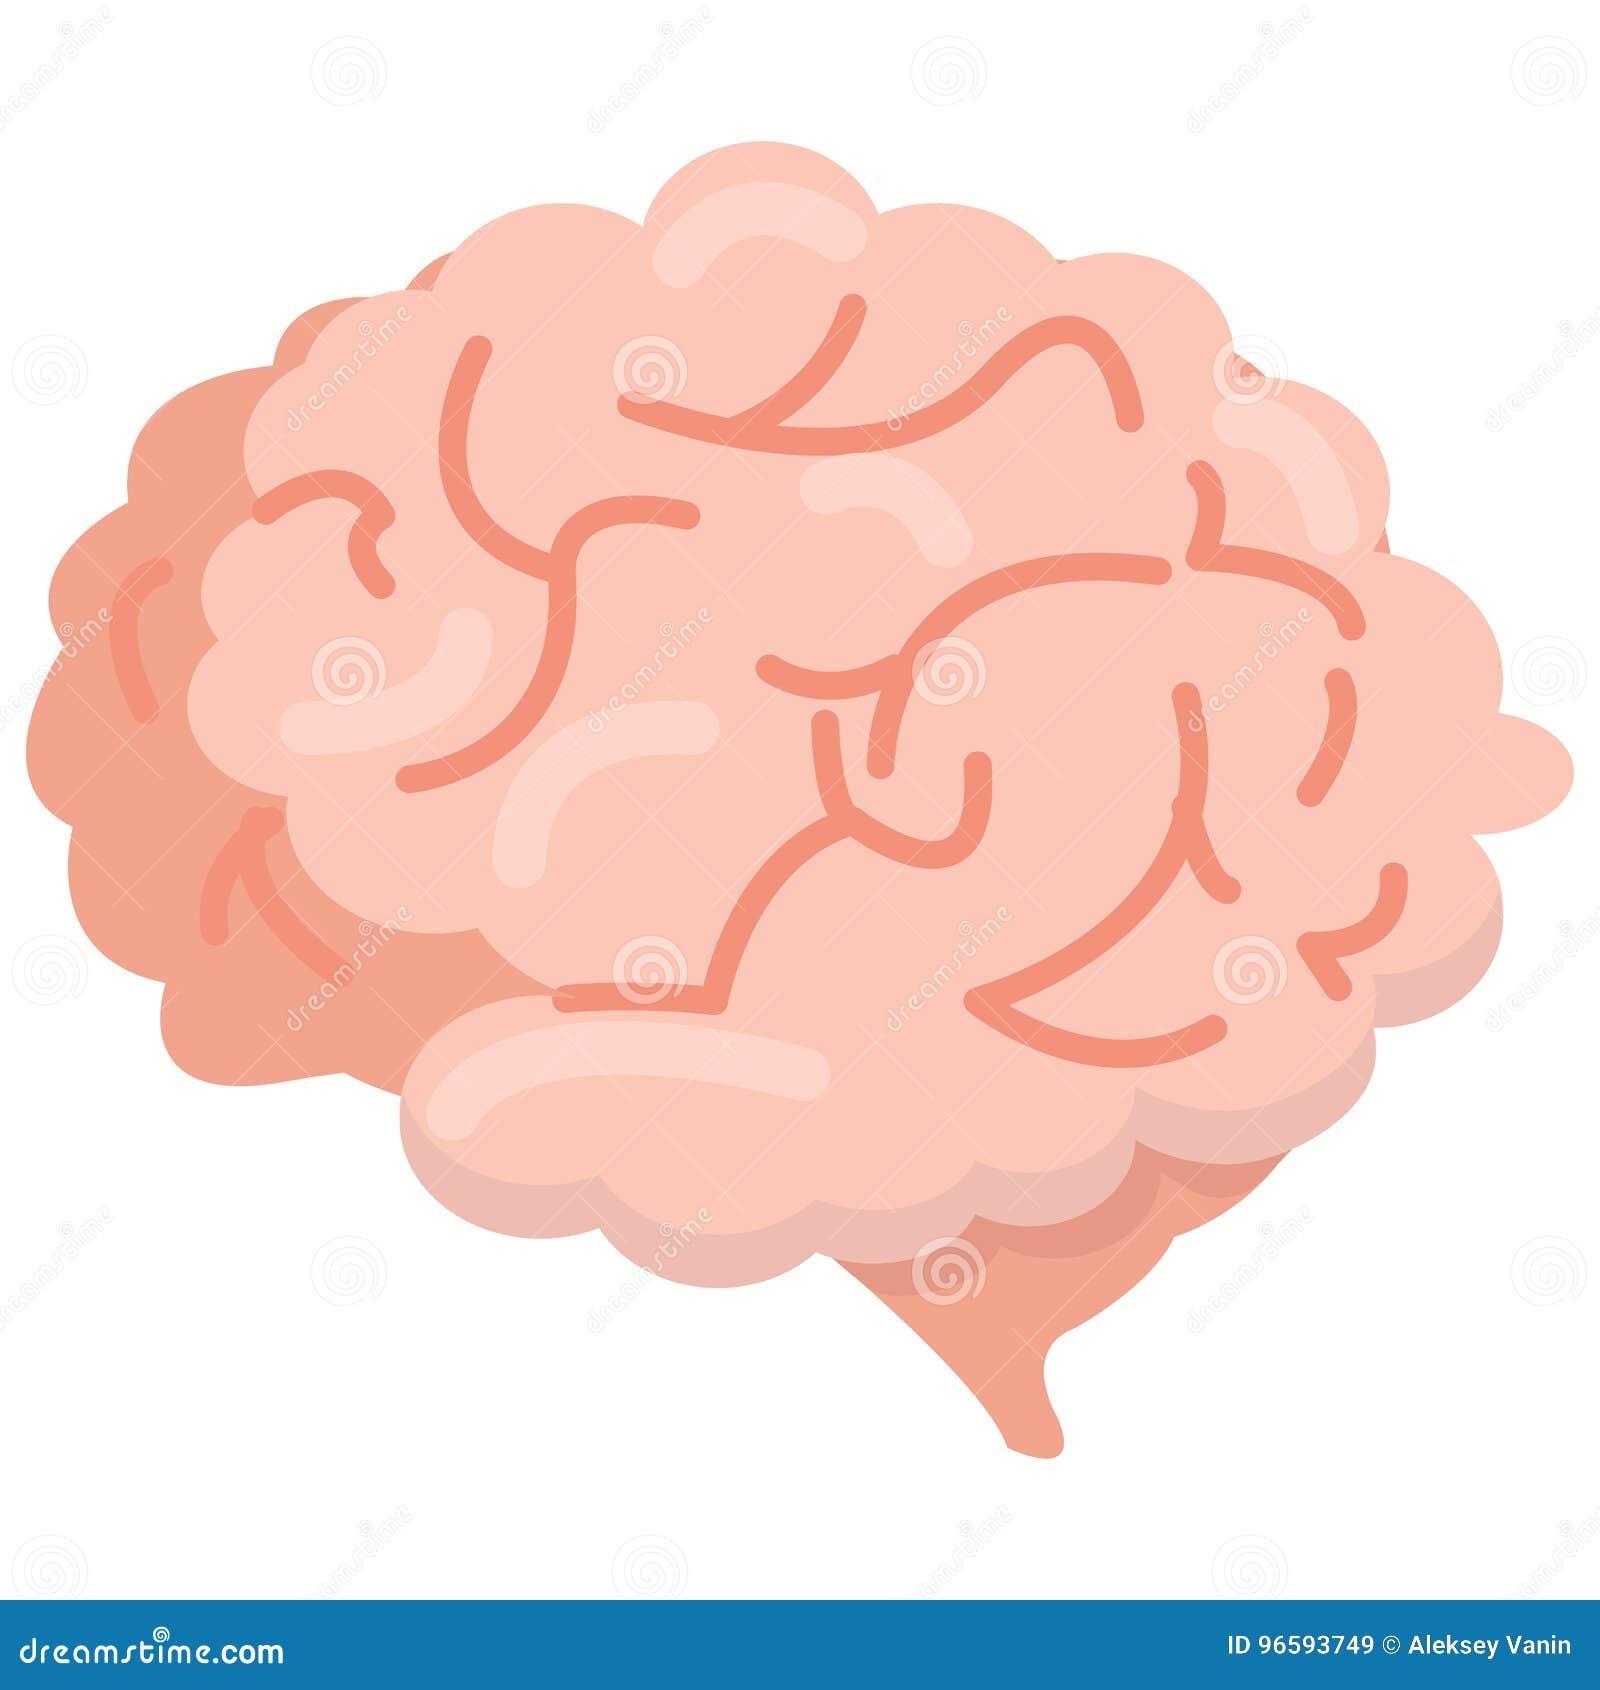 Ícone do órgão do cérebro humano, ilustração do vetor